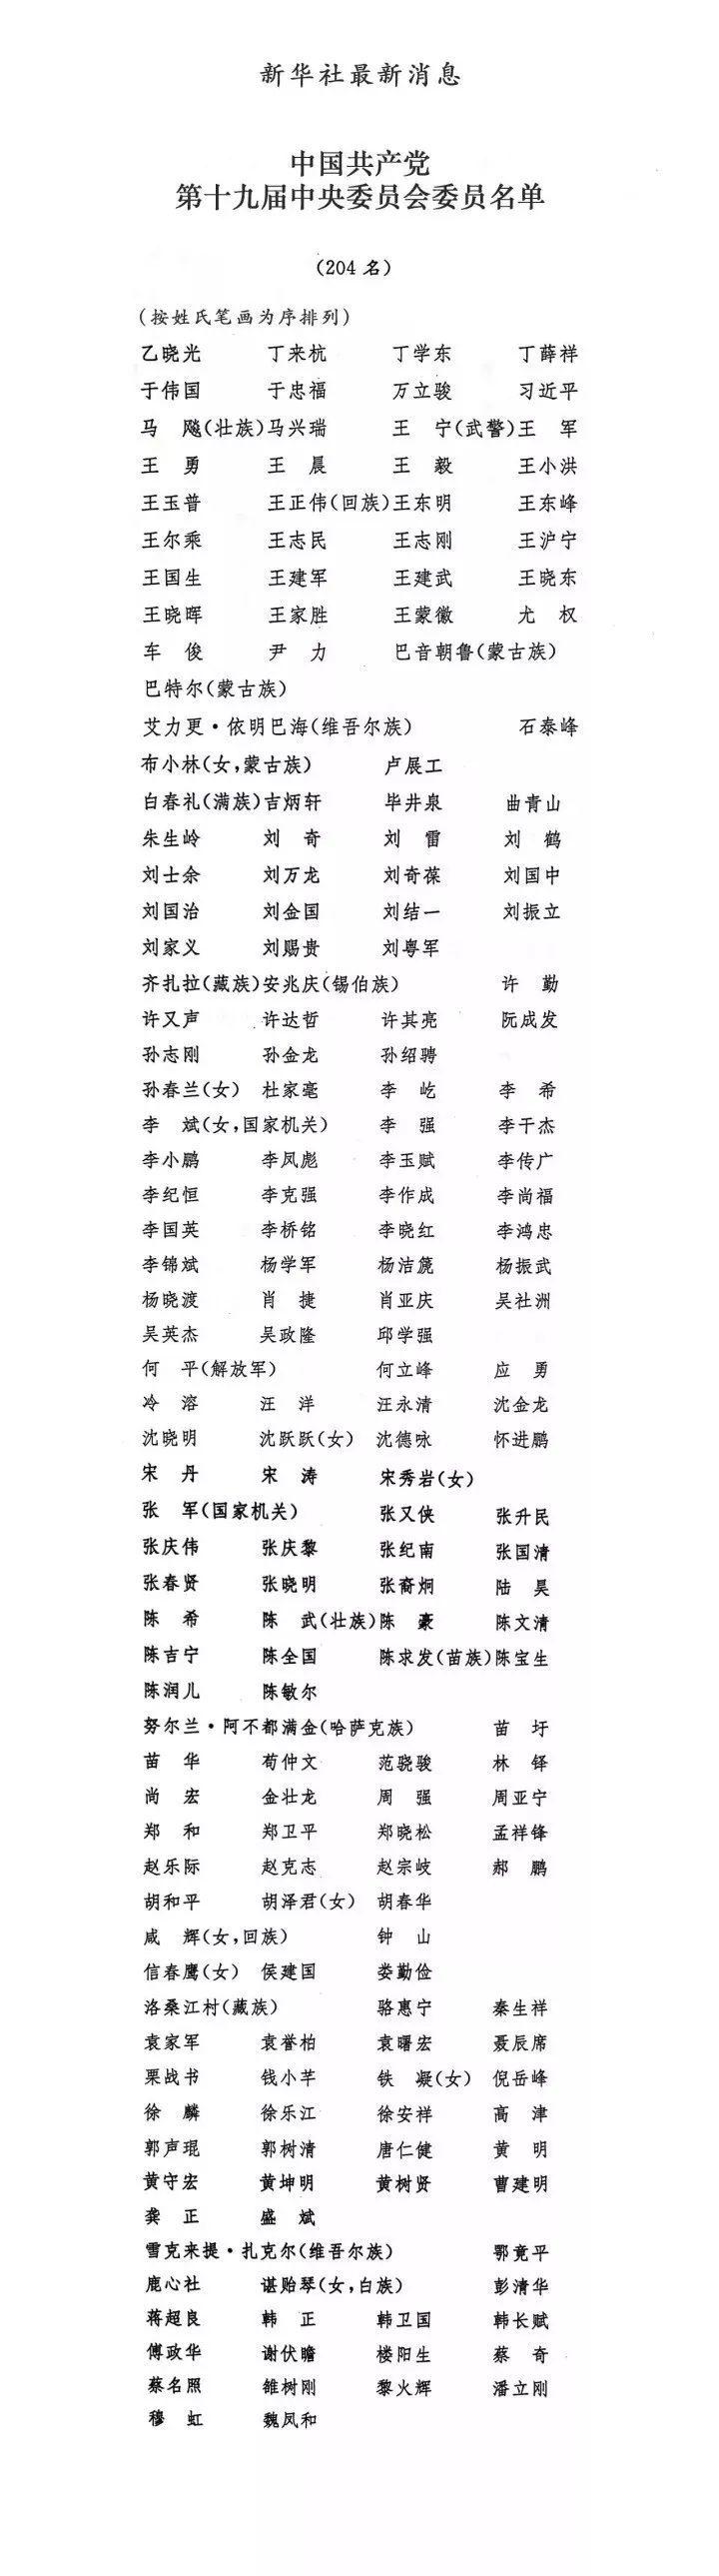 十八届政治局有12人留任十九届中央委员会